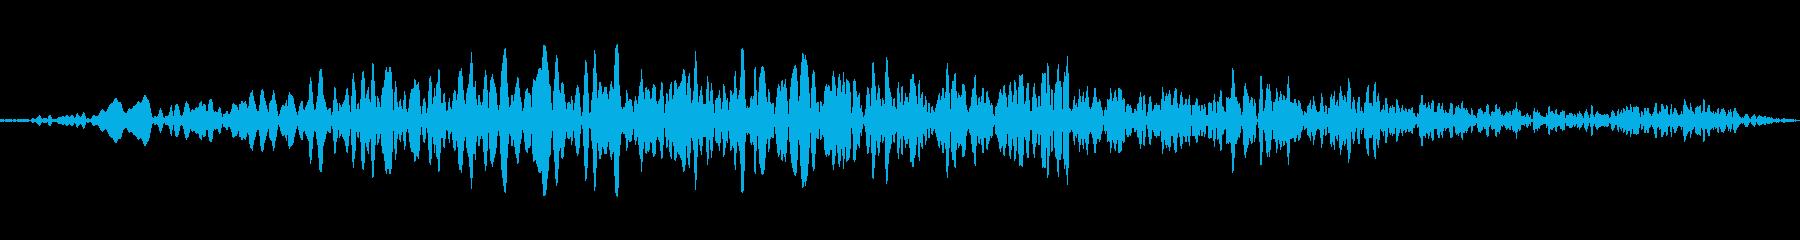 ドローンランブルディープロングwavの再生済みの波形